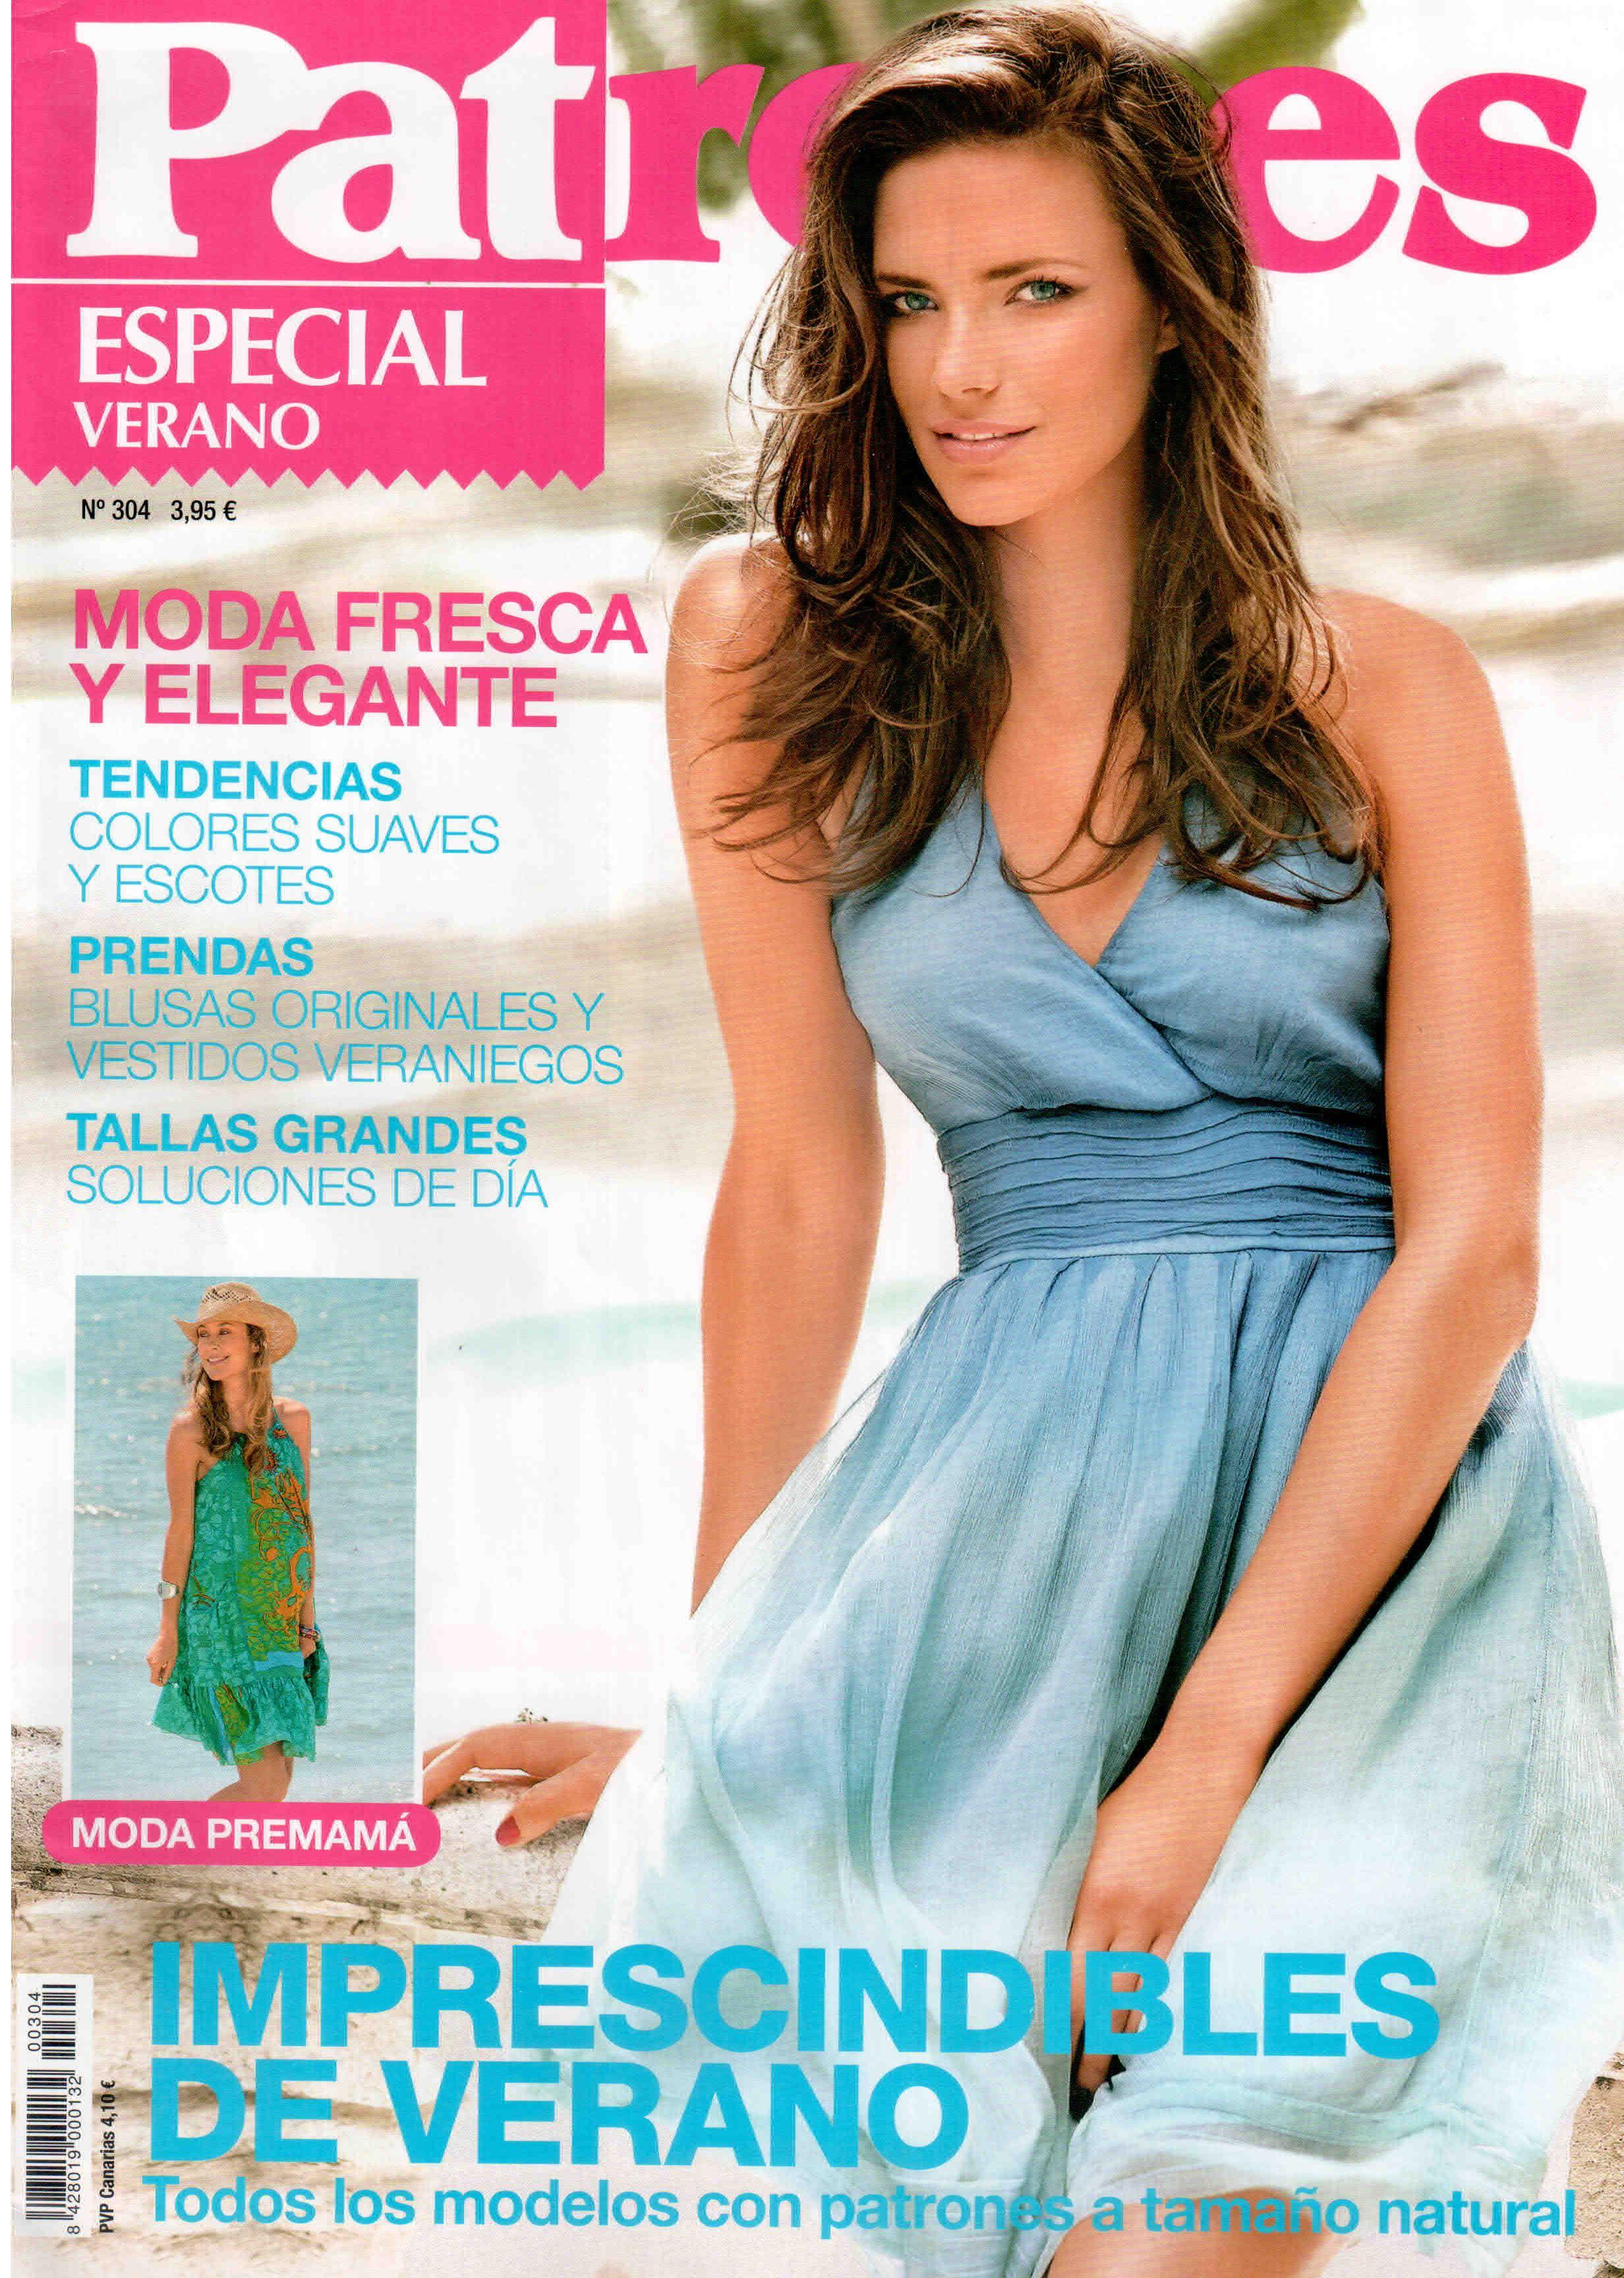 78812b026 Patrones especial verano Revistas De Costura